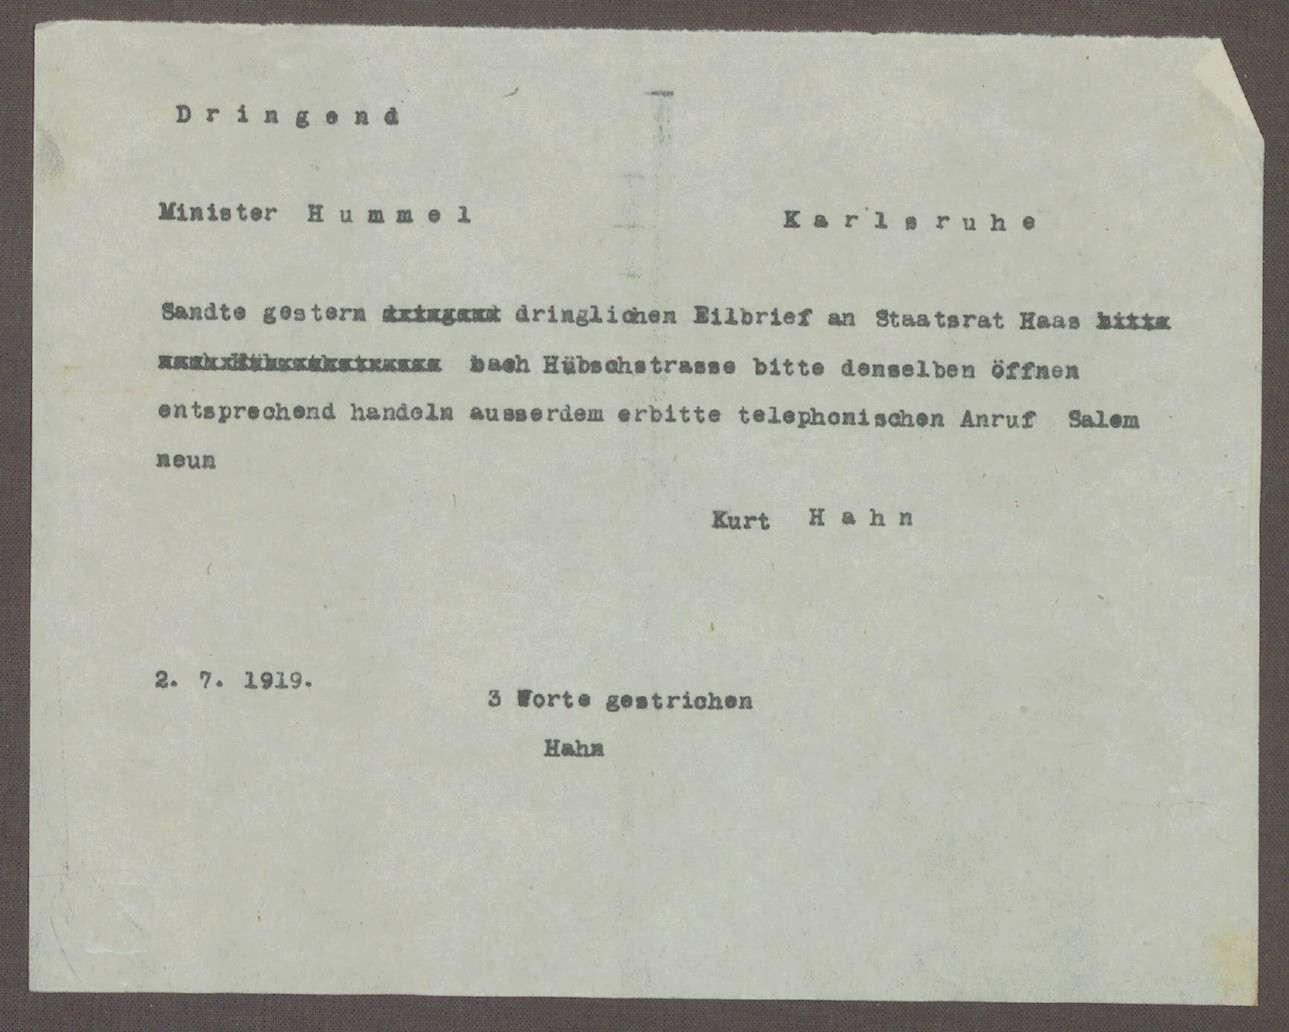 Schreiben von Kurt Hahn an Hermann Hummel; Schreiben an Ludwig Haas und Bitte um einen Anruf in Salem, Bild 1